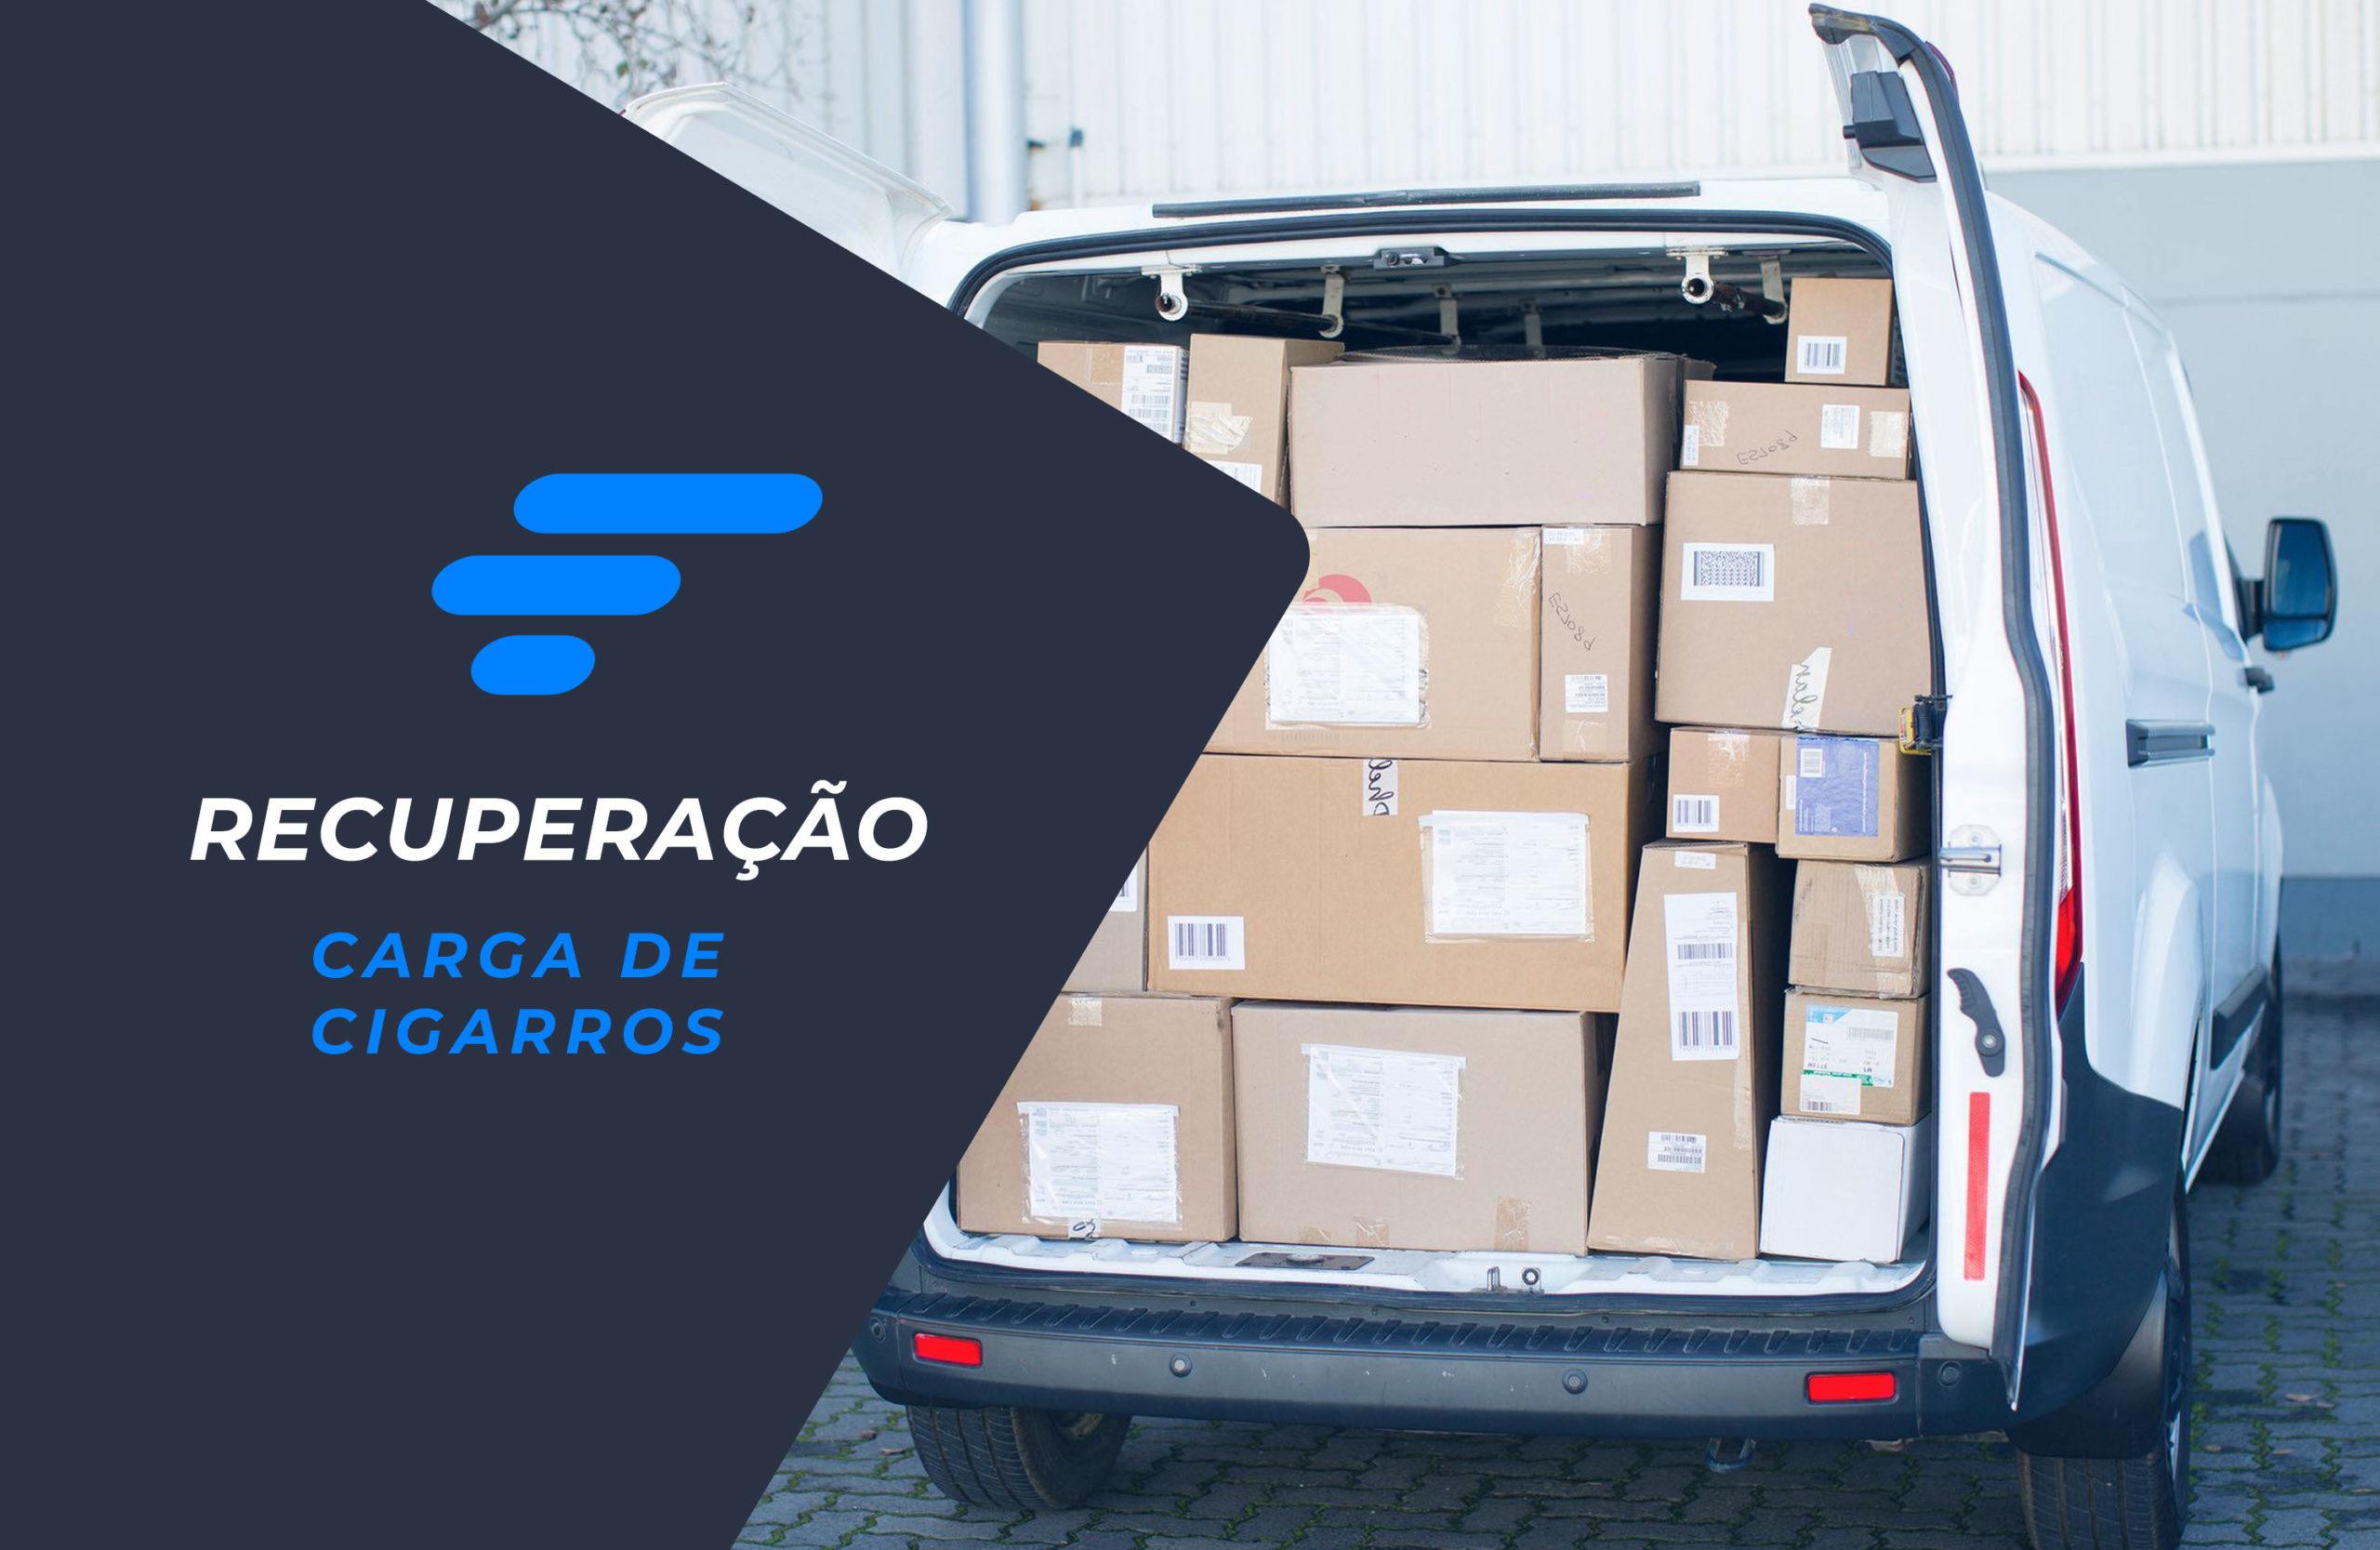 Recuperação de carga de cigarros em Caxias do Sul